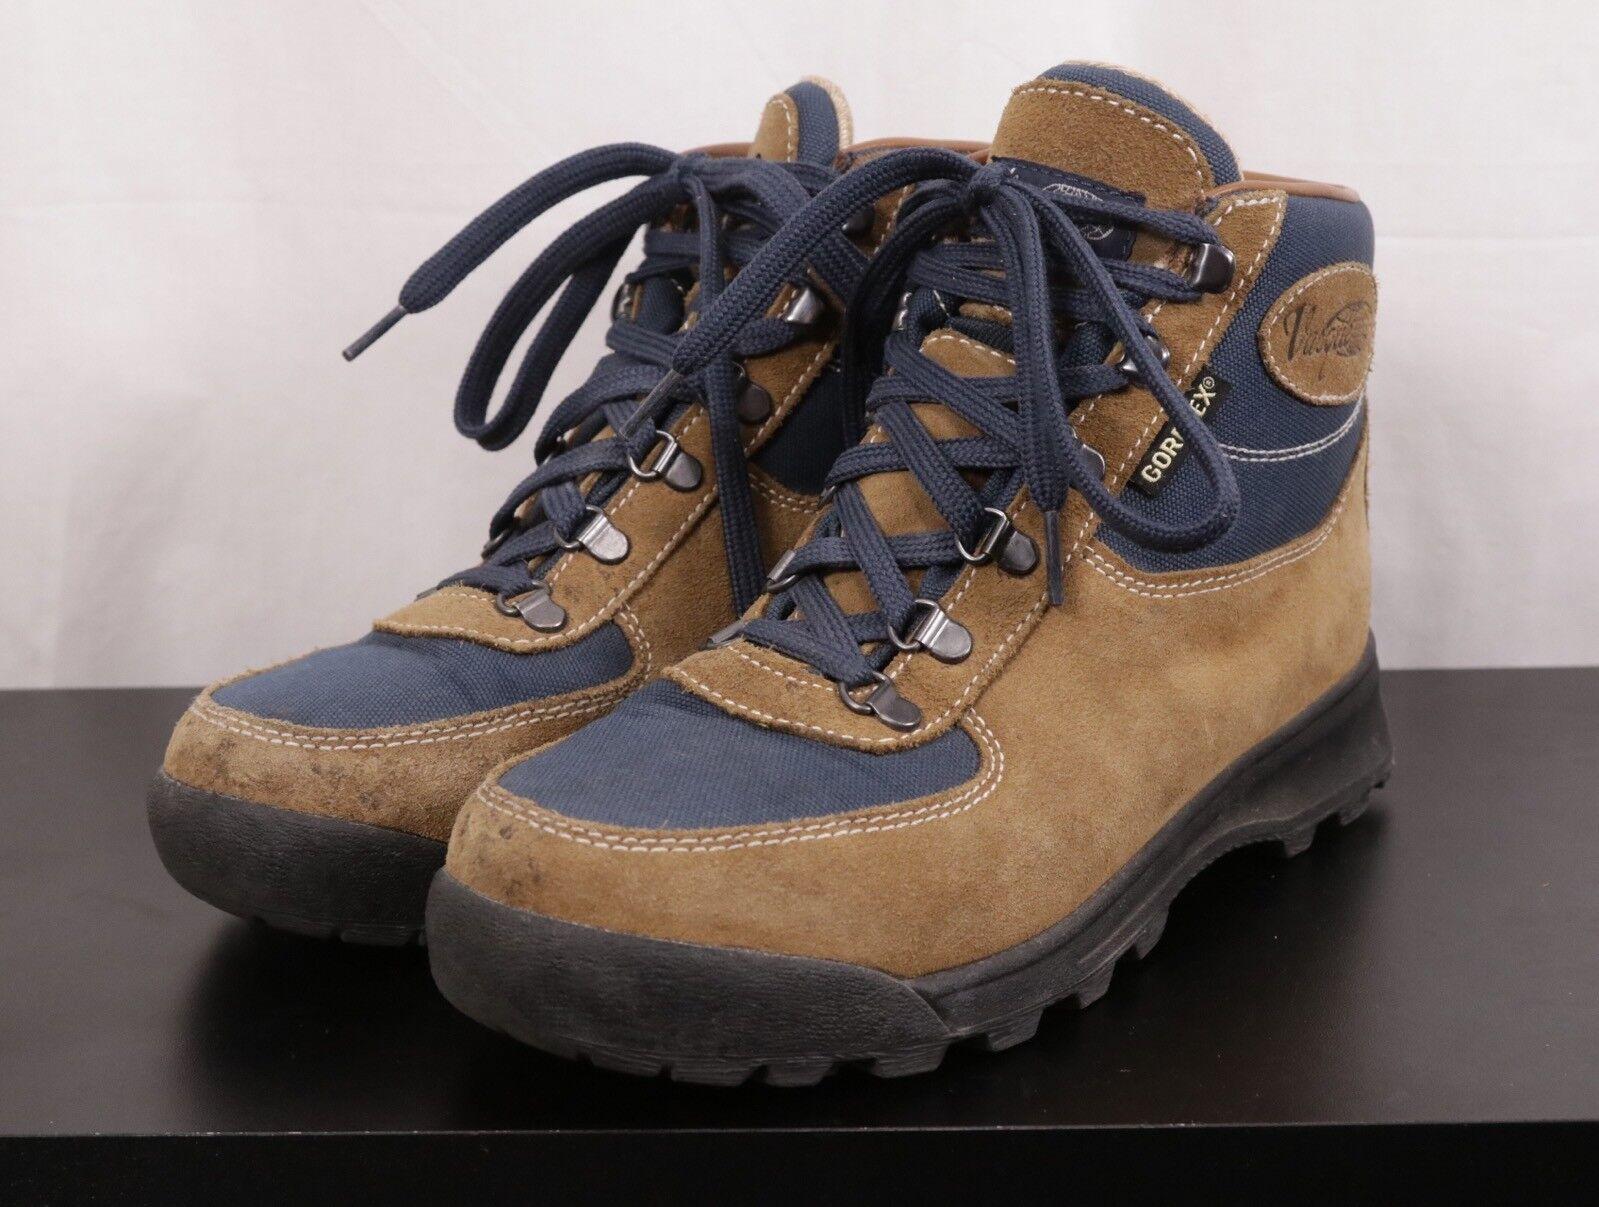 Vasque Skywalk GTX Goretex botas  Para Excursionismo Clásico De Suela Zapata-Bronceado Azul-Para Hombre 8 M  nuevo estilo